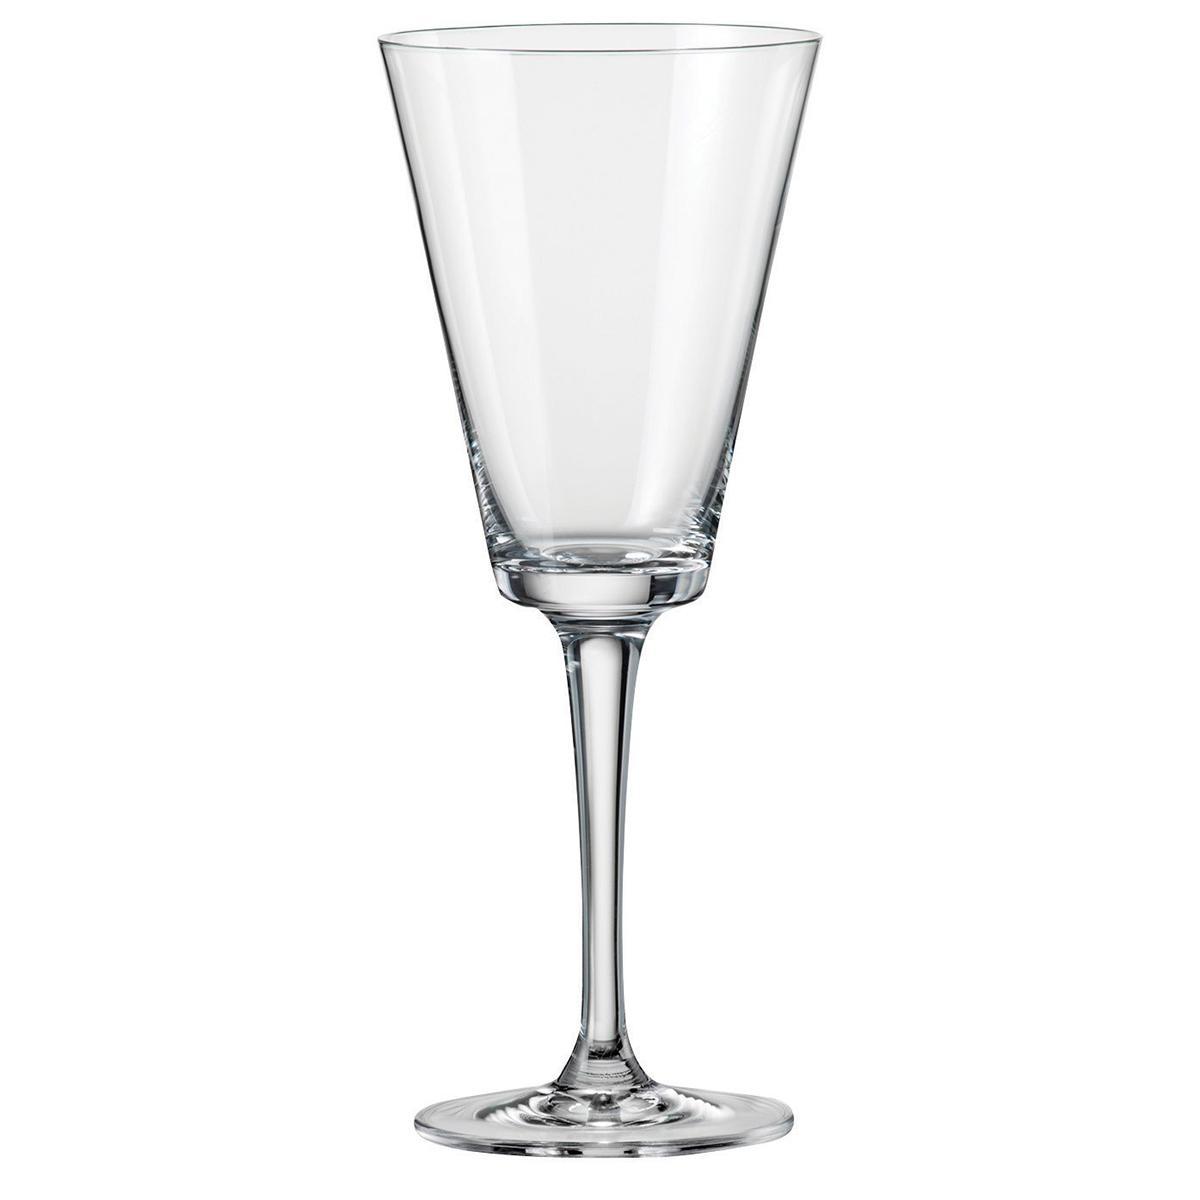 Набор фужеров для вина Bohemia Crystal Джайф, 170 мл, 6 шт40771/170Набор бокалов для вина Джайф - изделие из богемского стекла Crystalex одного из старейших производителей Чехии. История появления стекла насчитывает более десяти веков. Стекло Crystalex обладает гораздо лучшими эксплуатационными и эстетическими свойствами, чем любое другое. Оно более блестящее, более прозрачное и одновременно более прочное. Изысканные переливы, игра света, красота и изящные формы изделий не перестают поражать своим великолепием. Любое изделие из богемского стекла станет изысканным подарком к празднику или торжественному событию. Красота и роскошь изделия непременно будут оценены по достоинству.